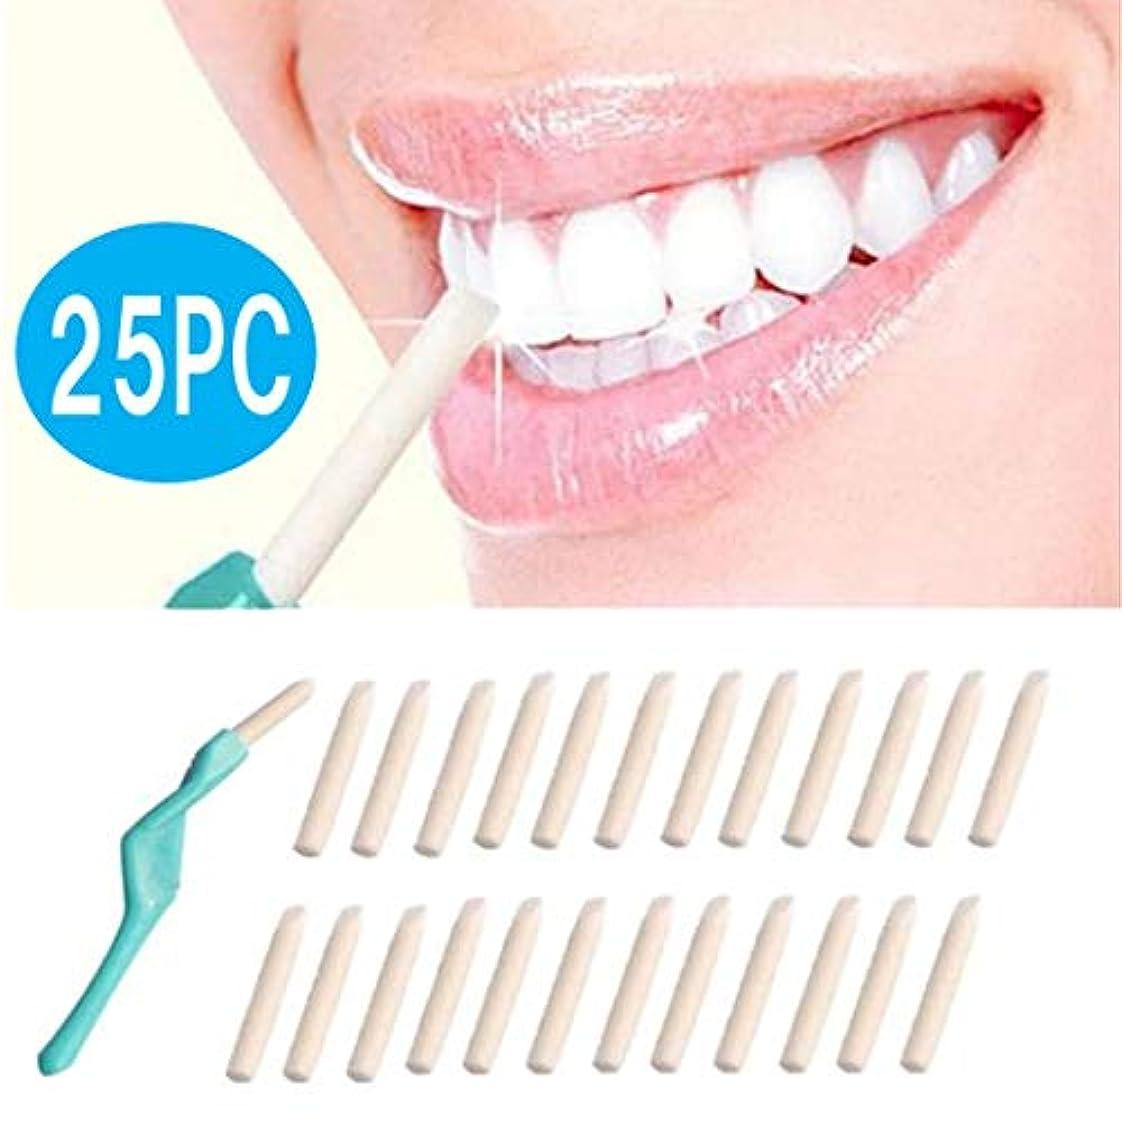 今第九メイトMNoel 歯を白くする 歯の消しゴム ナノ ホワイトニング ブラシ 歯をきれいに 洗浄 トゥースティック デンタルピーリング 本体+交換カートリッジ付 25枚 セット